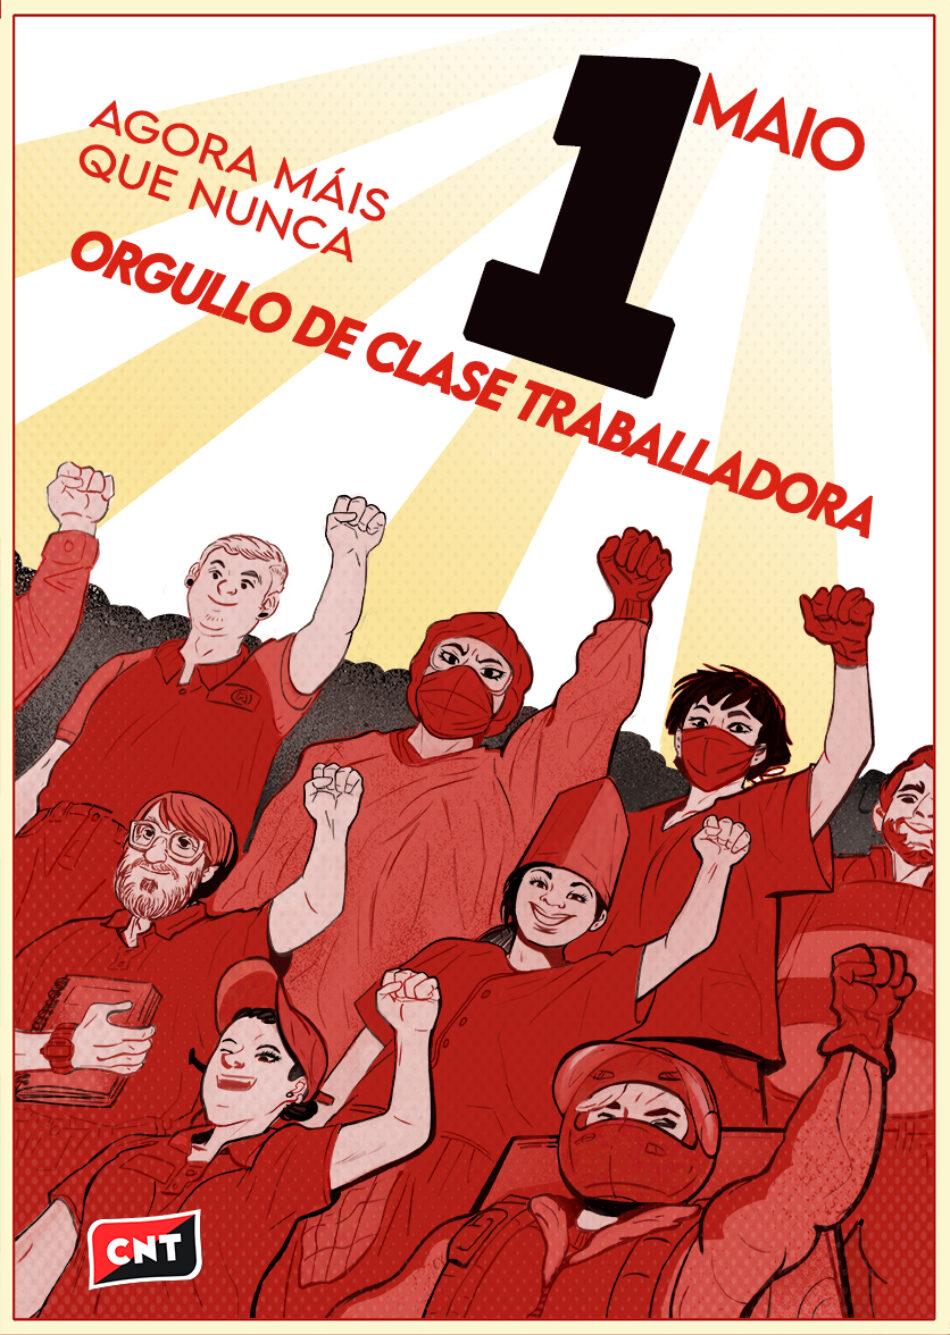 A CNT ante o 1º de maio: agora máis que nunca, orgullo de clase traballadora